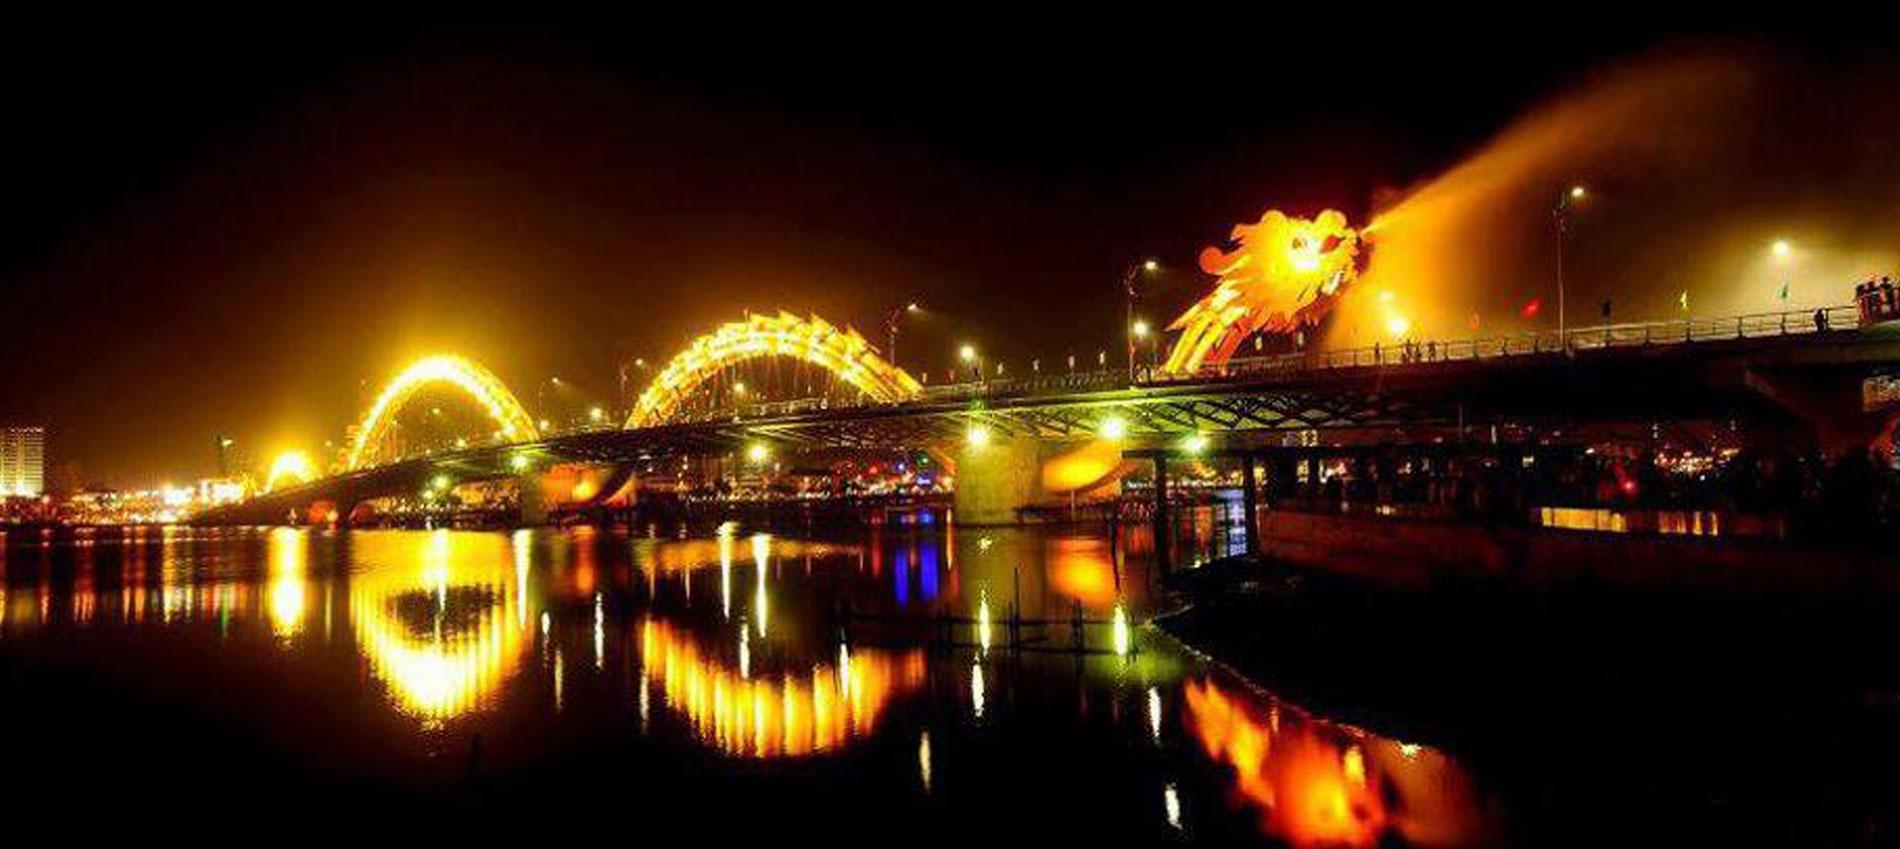 cầu rồng đà nẵng phun nước